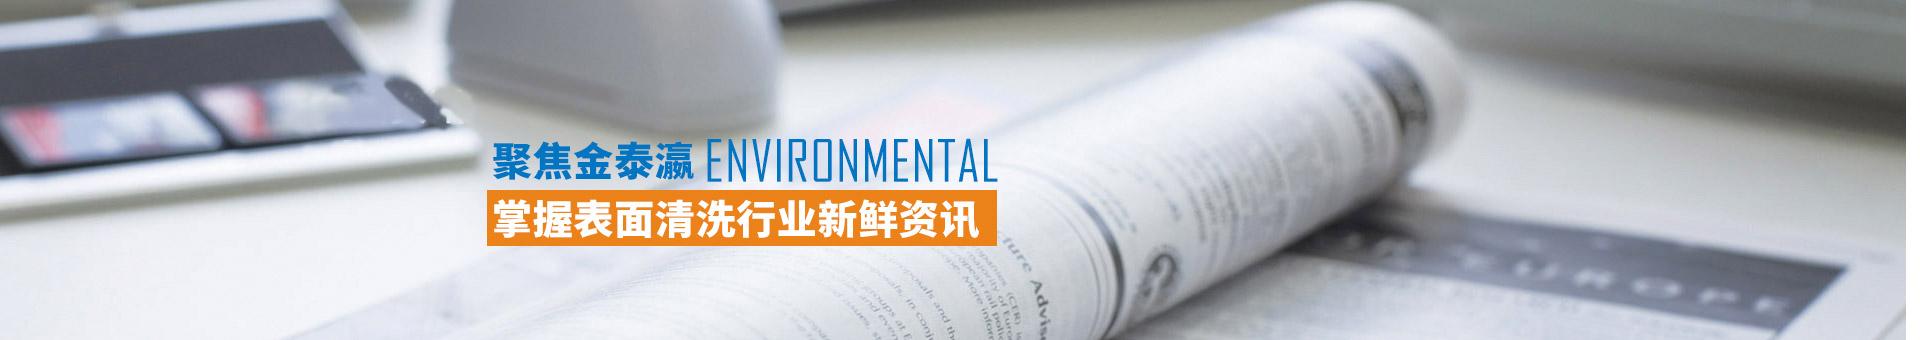 金泰瀛-掌握表面清洗行业新鲜资讯